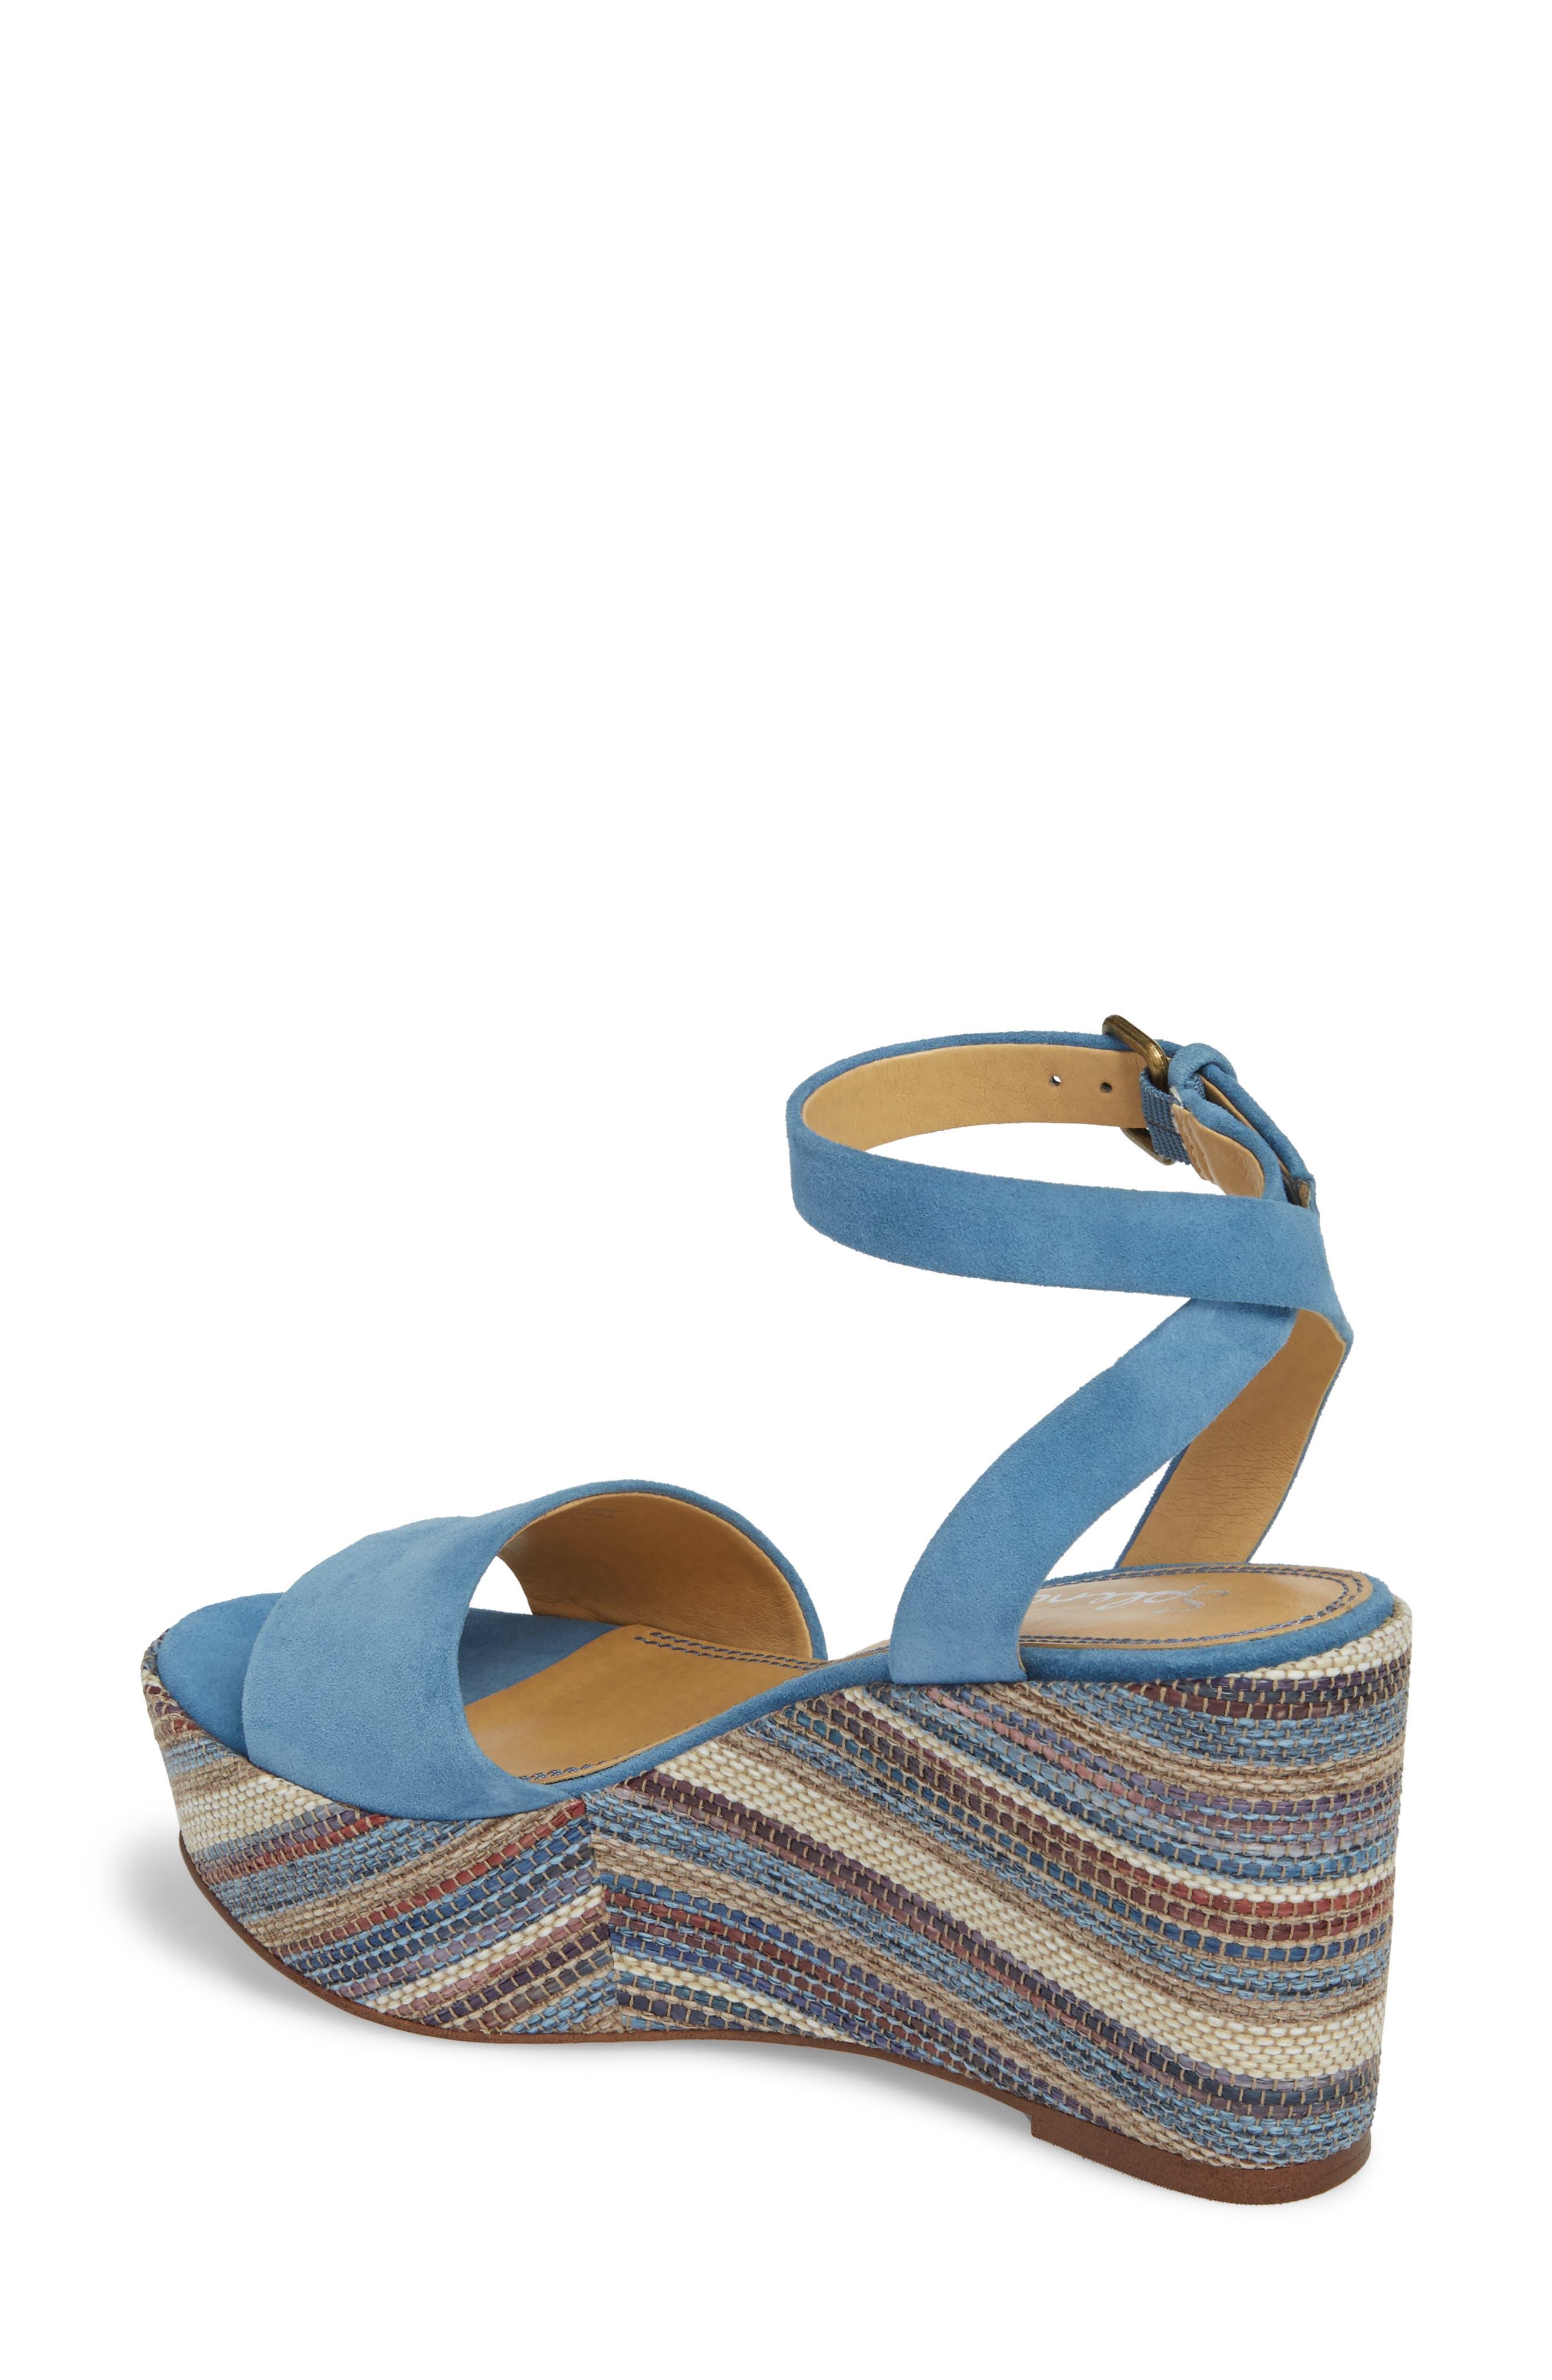 Felix Platform Wedge Sandal,                             Alternate thumbnail 2, color,                             BLUE HORIZON SUEDE